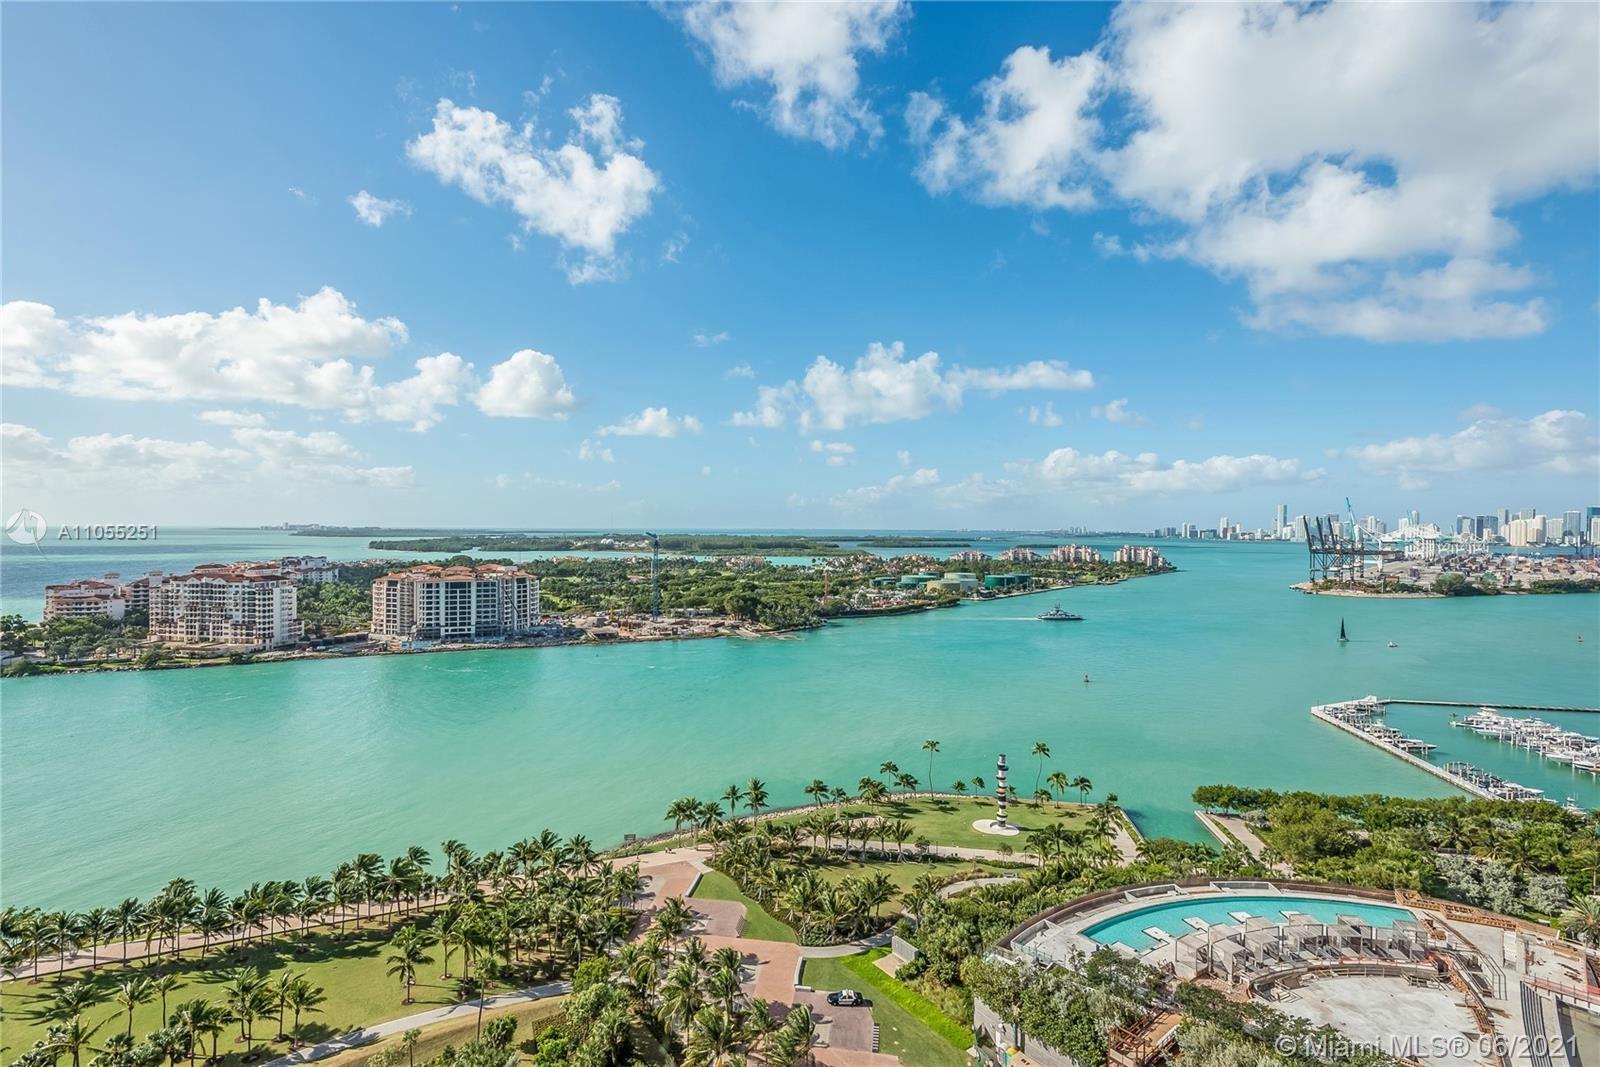 300 S Pointe Dr #2502, Miami Beach, FL 33139 - #: A11055251